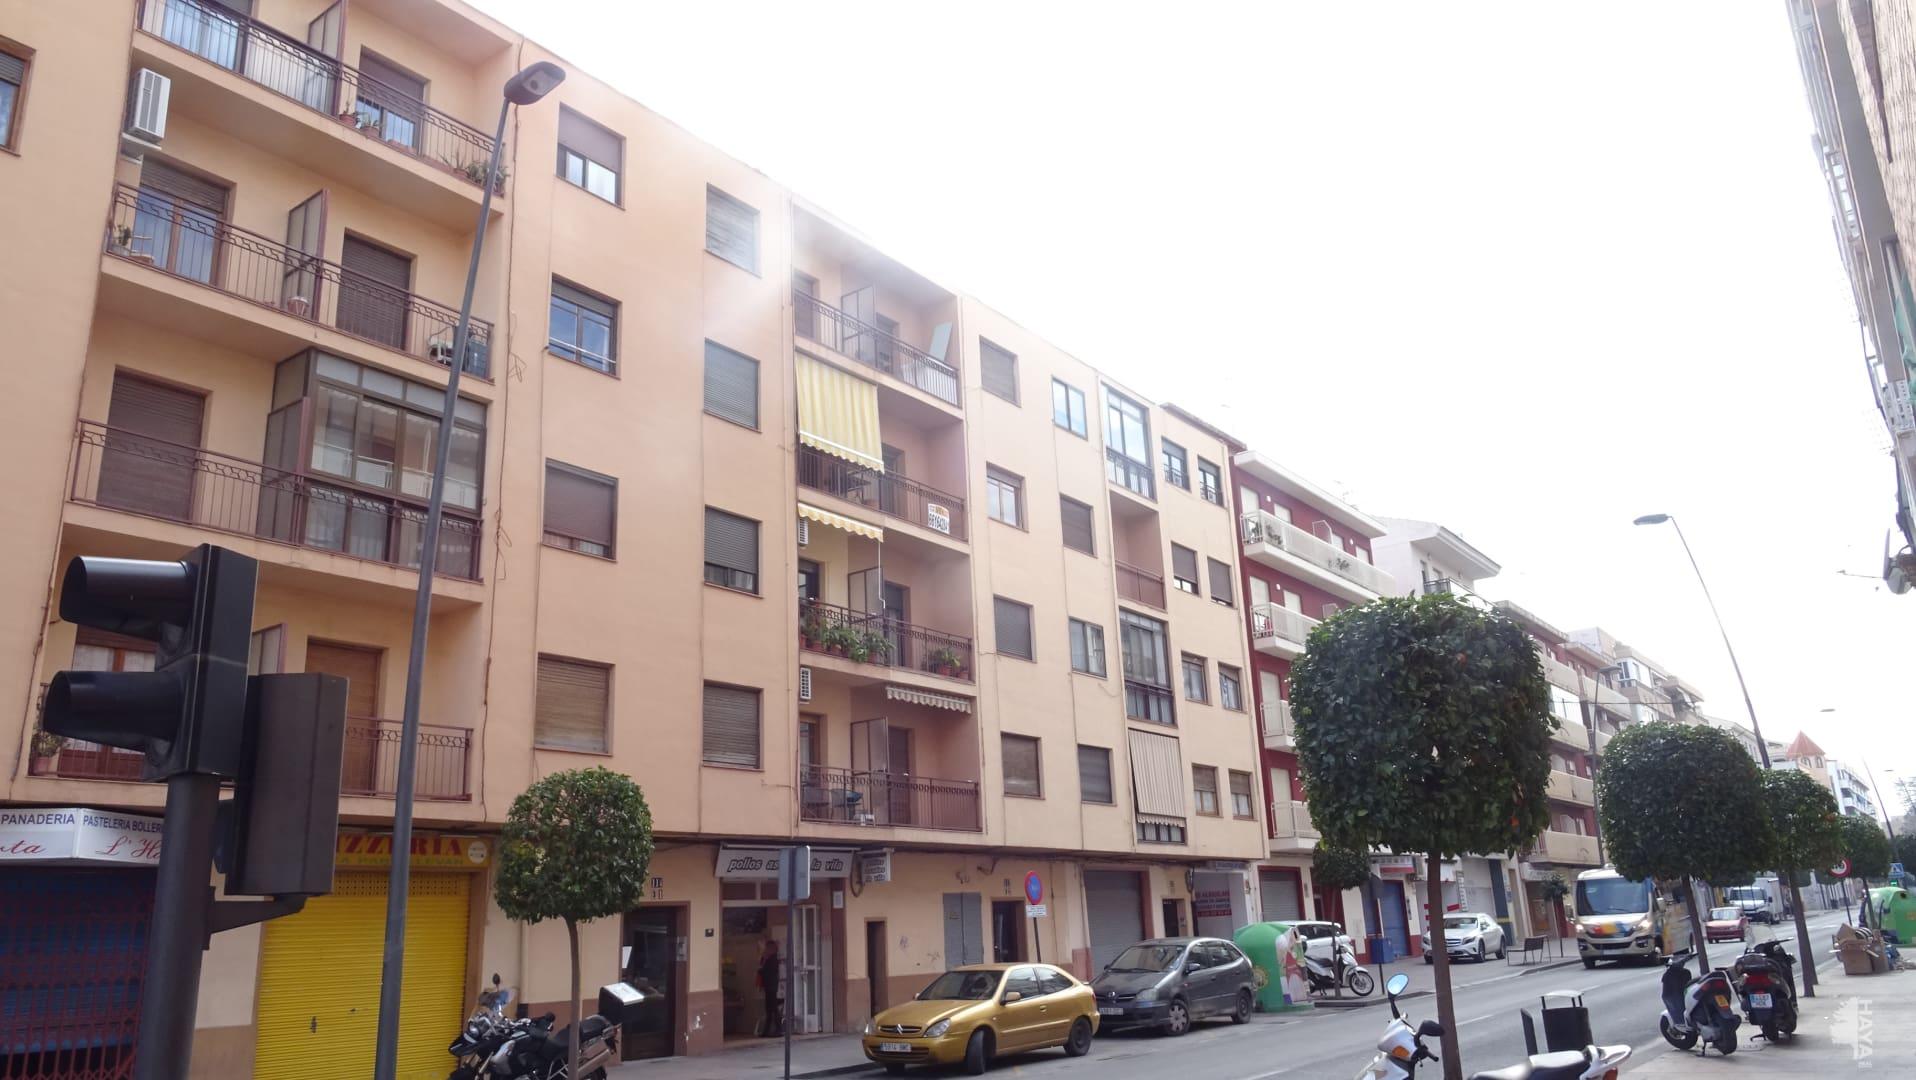 Piso en venta en La Villajoyosa/vila, Alicante, Calle Colon, 66.825 €, 4 habitaciones, 1 baño, 99 m2